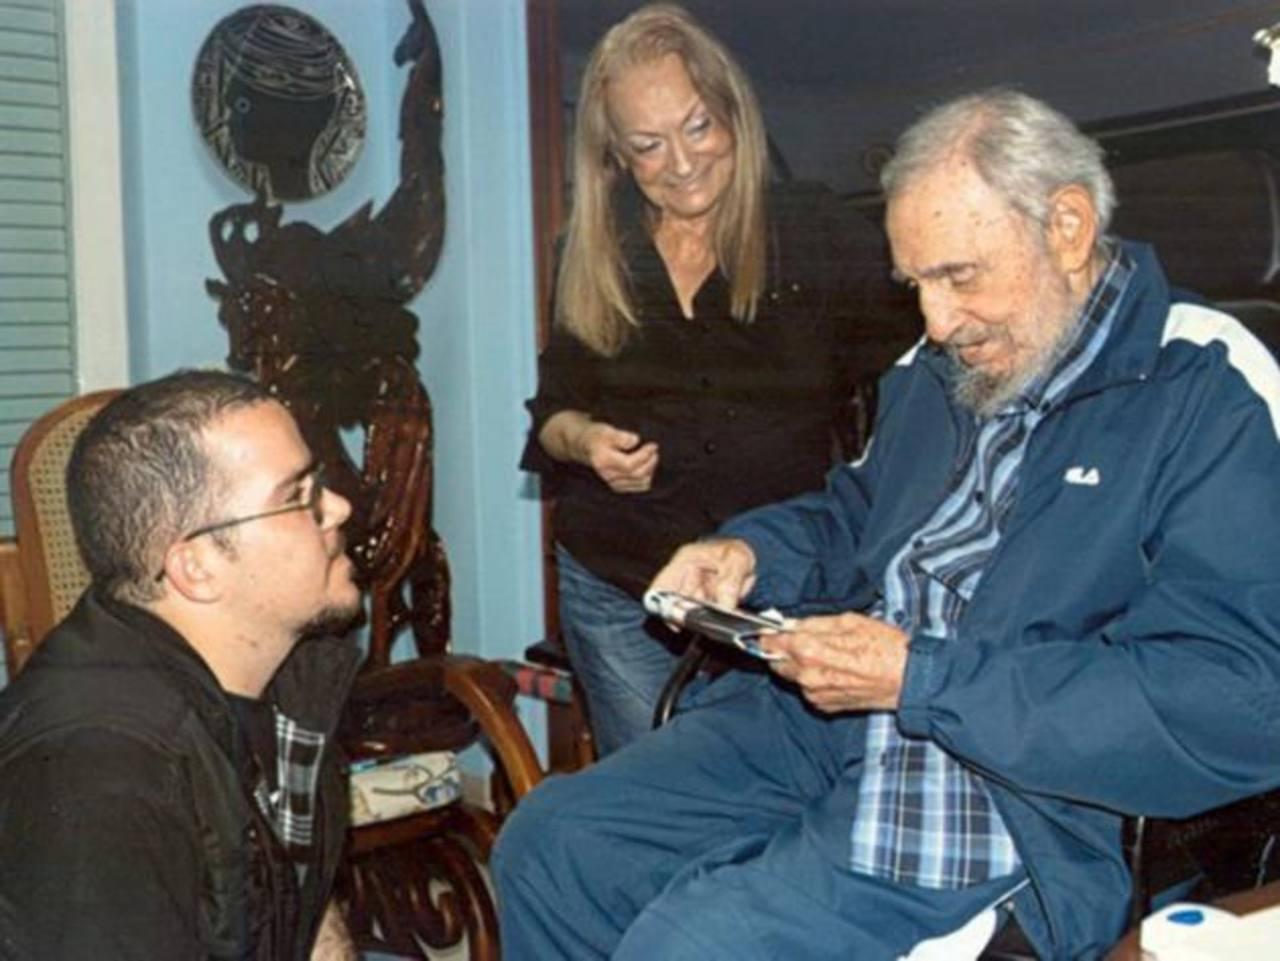 Castro aparece en fotos junto a líder estudiantil